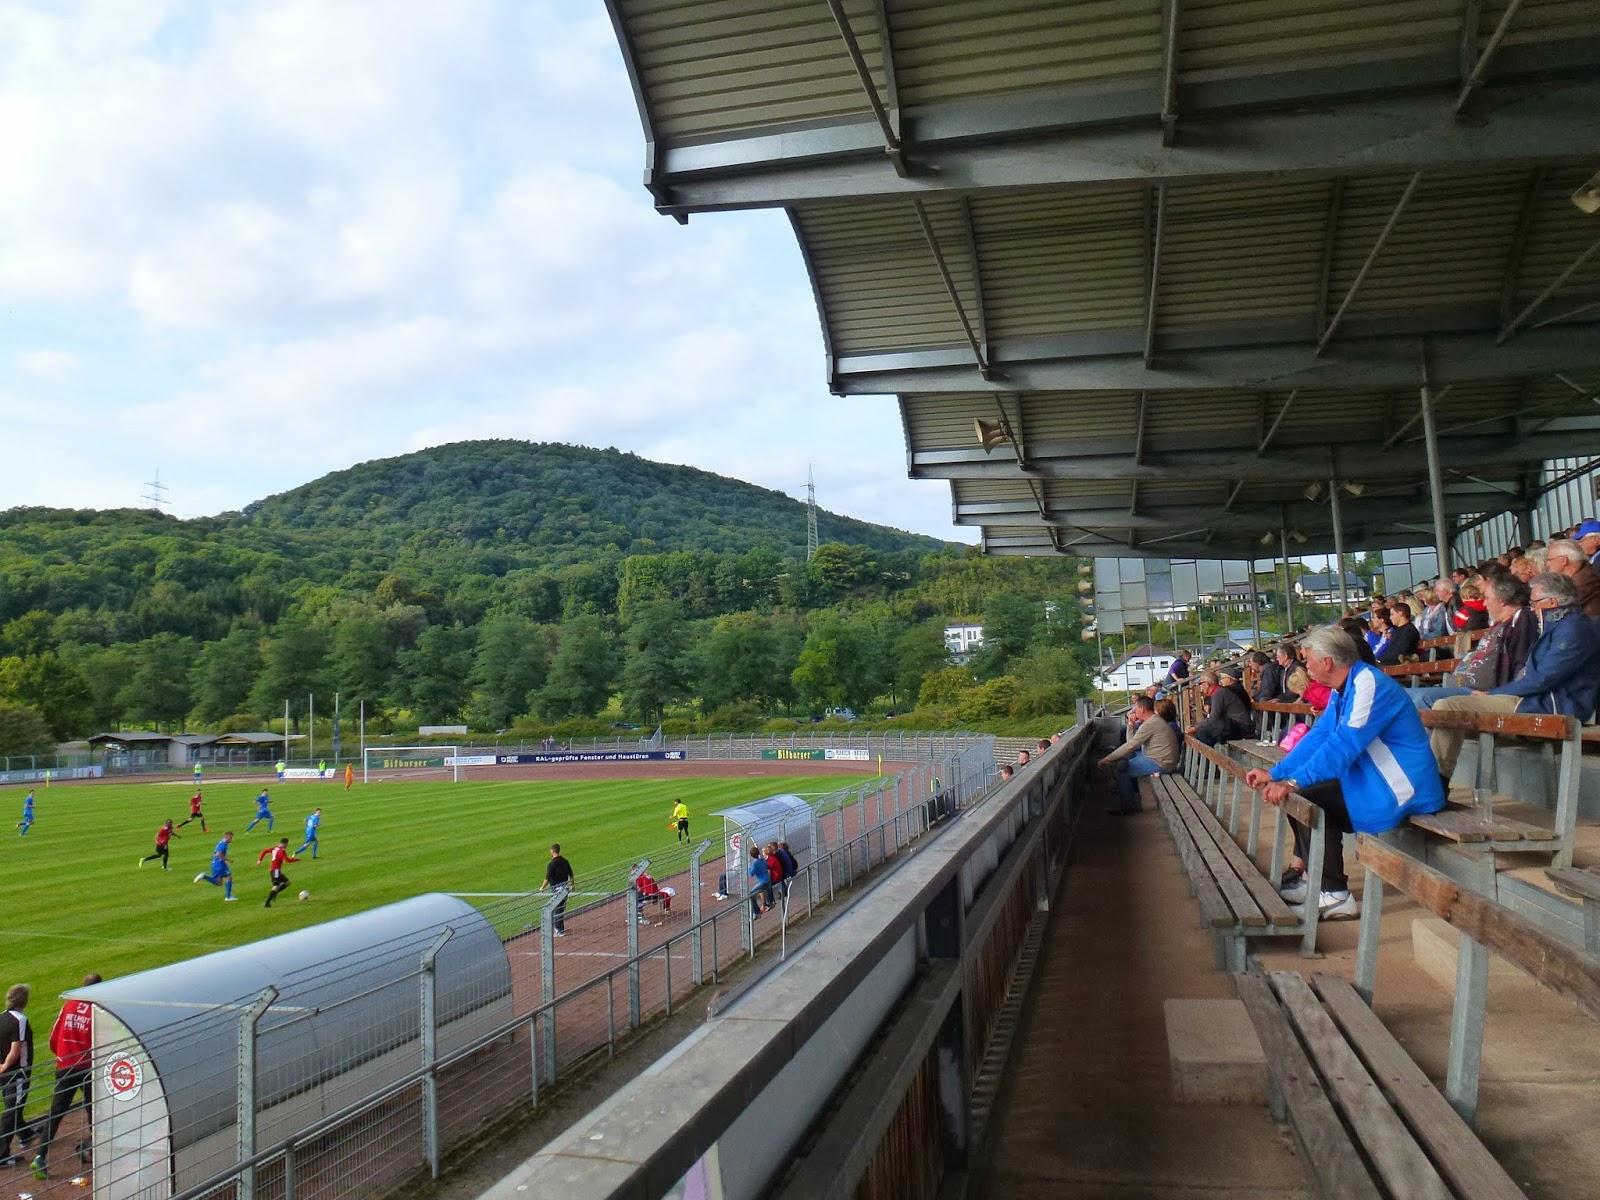 Salmrohr Stadion